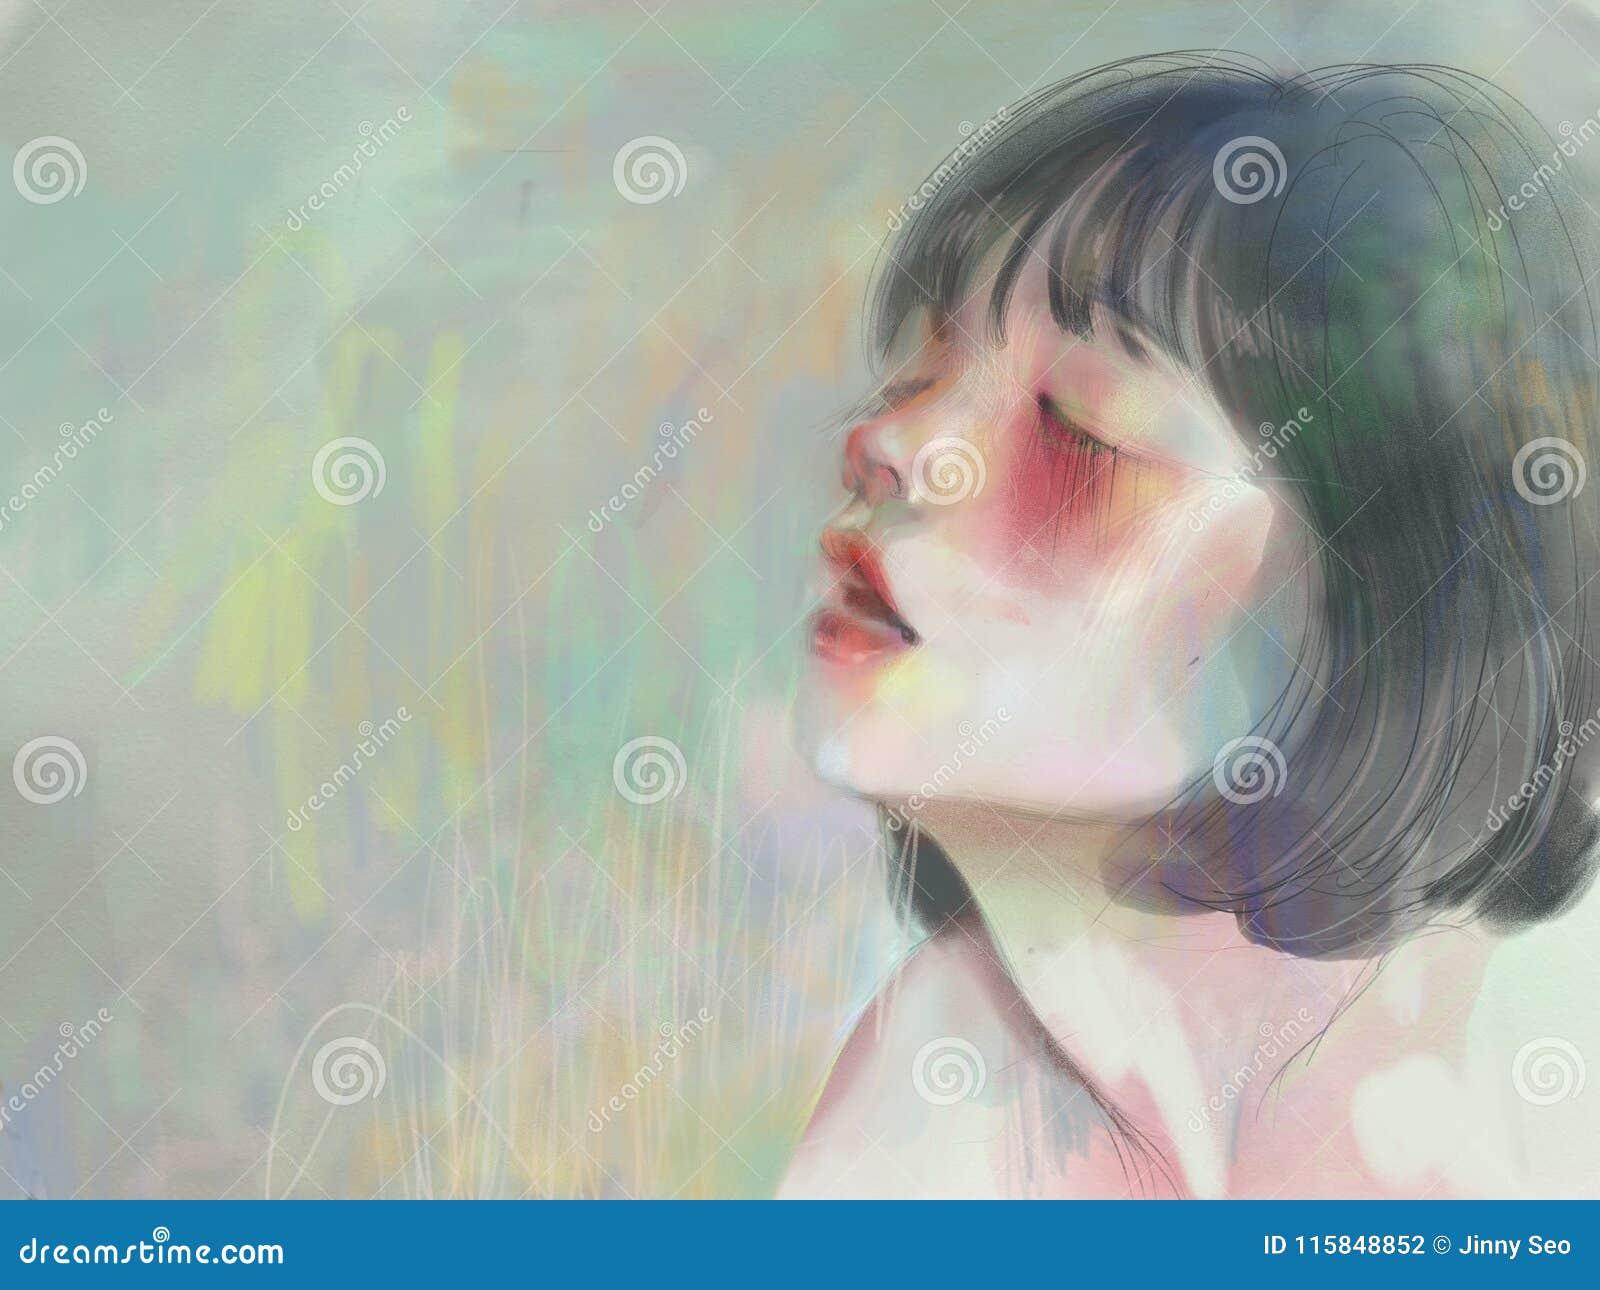 Inhalierung, errötendes Mädchen mit roten Backen in den ruhigen weichen Pastellfarben